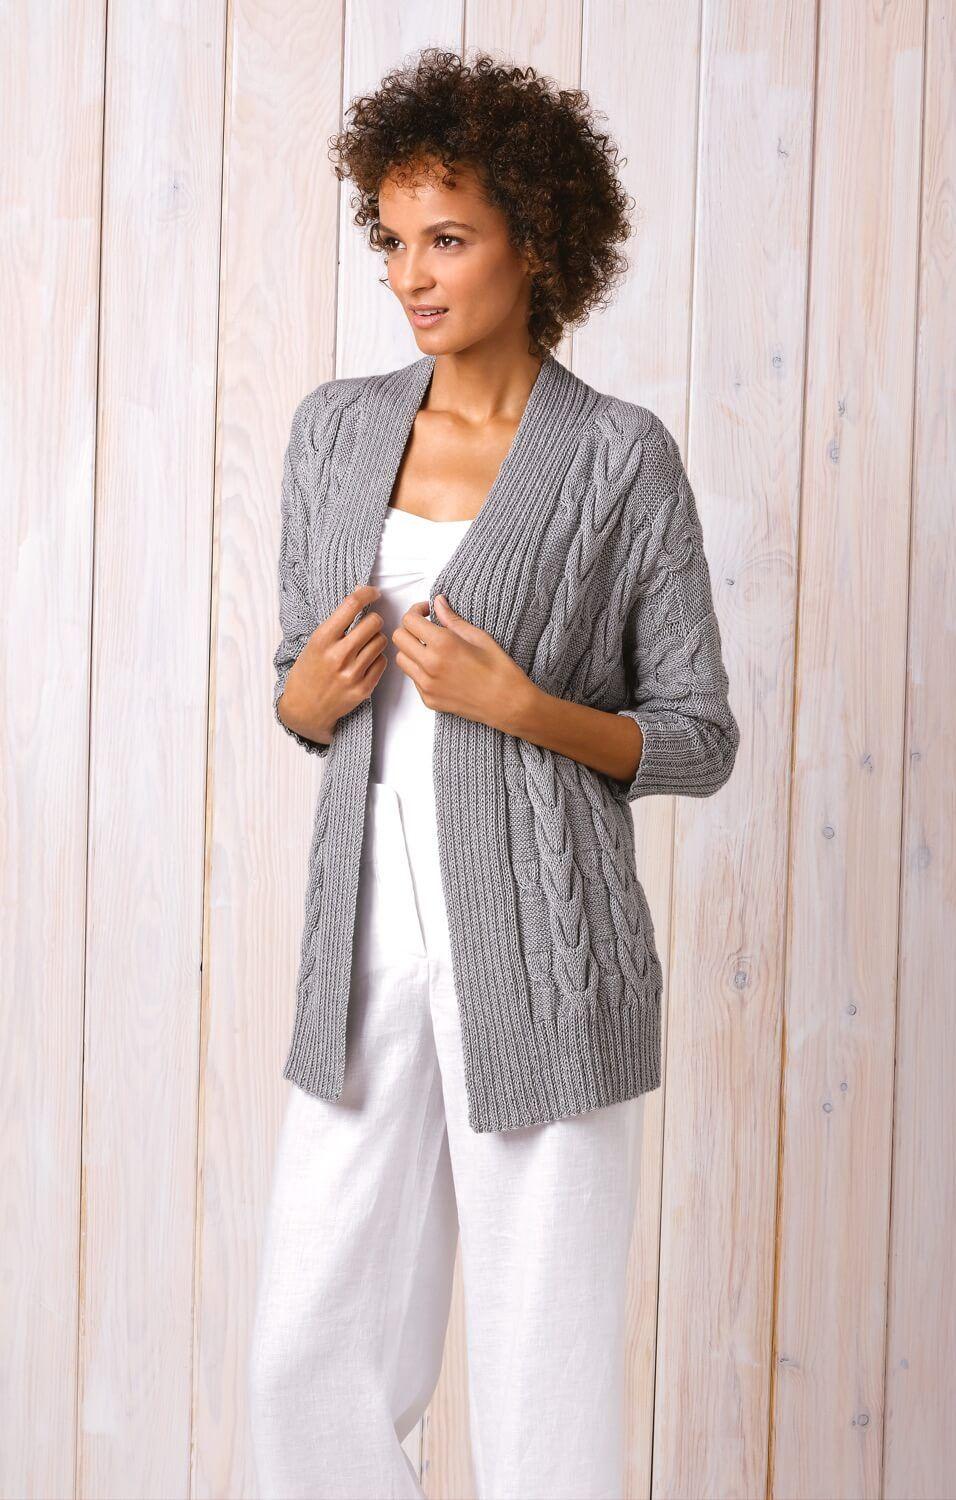 Damen-Jacke mit Zopfmustern | Pinterest | Zopfmuster, Jacken und Damen